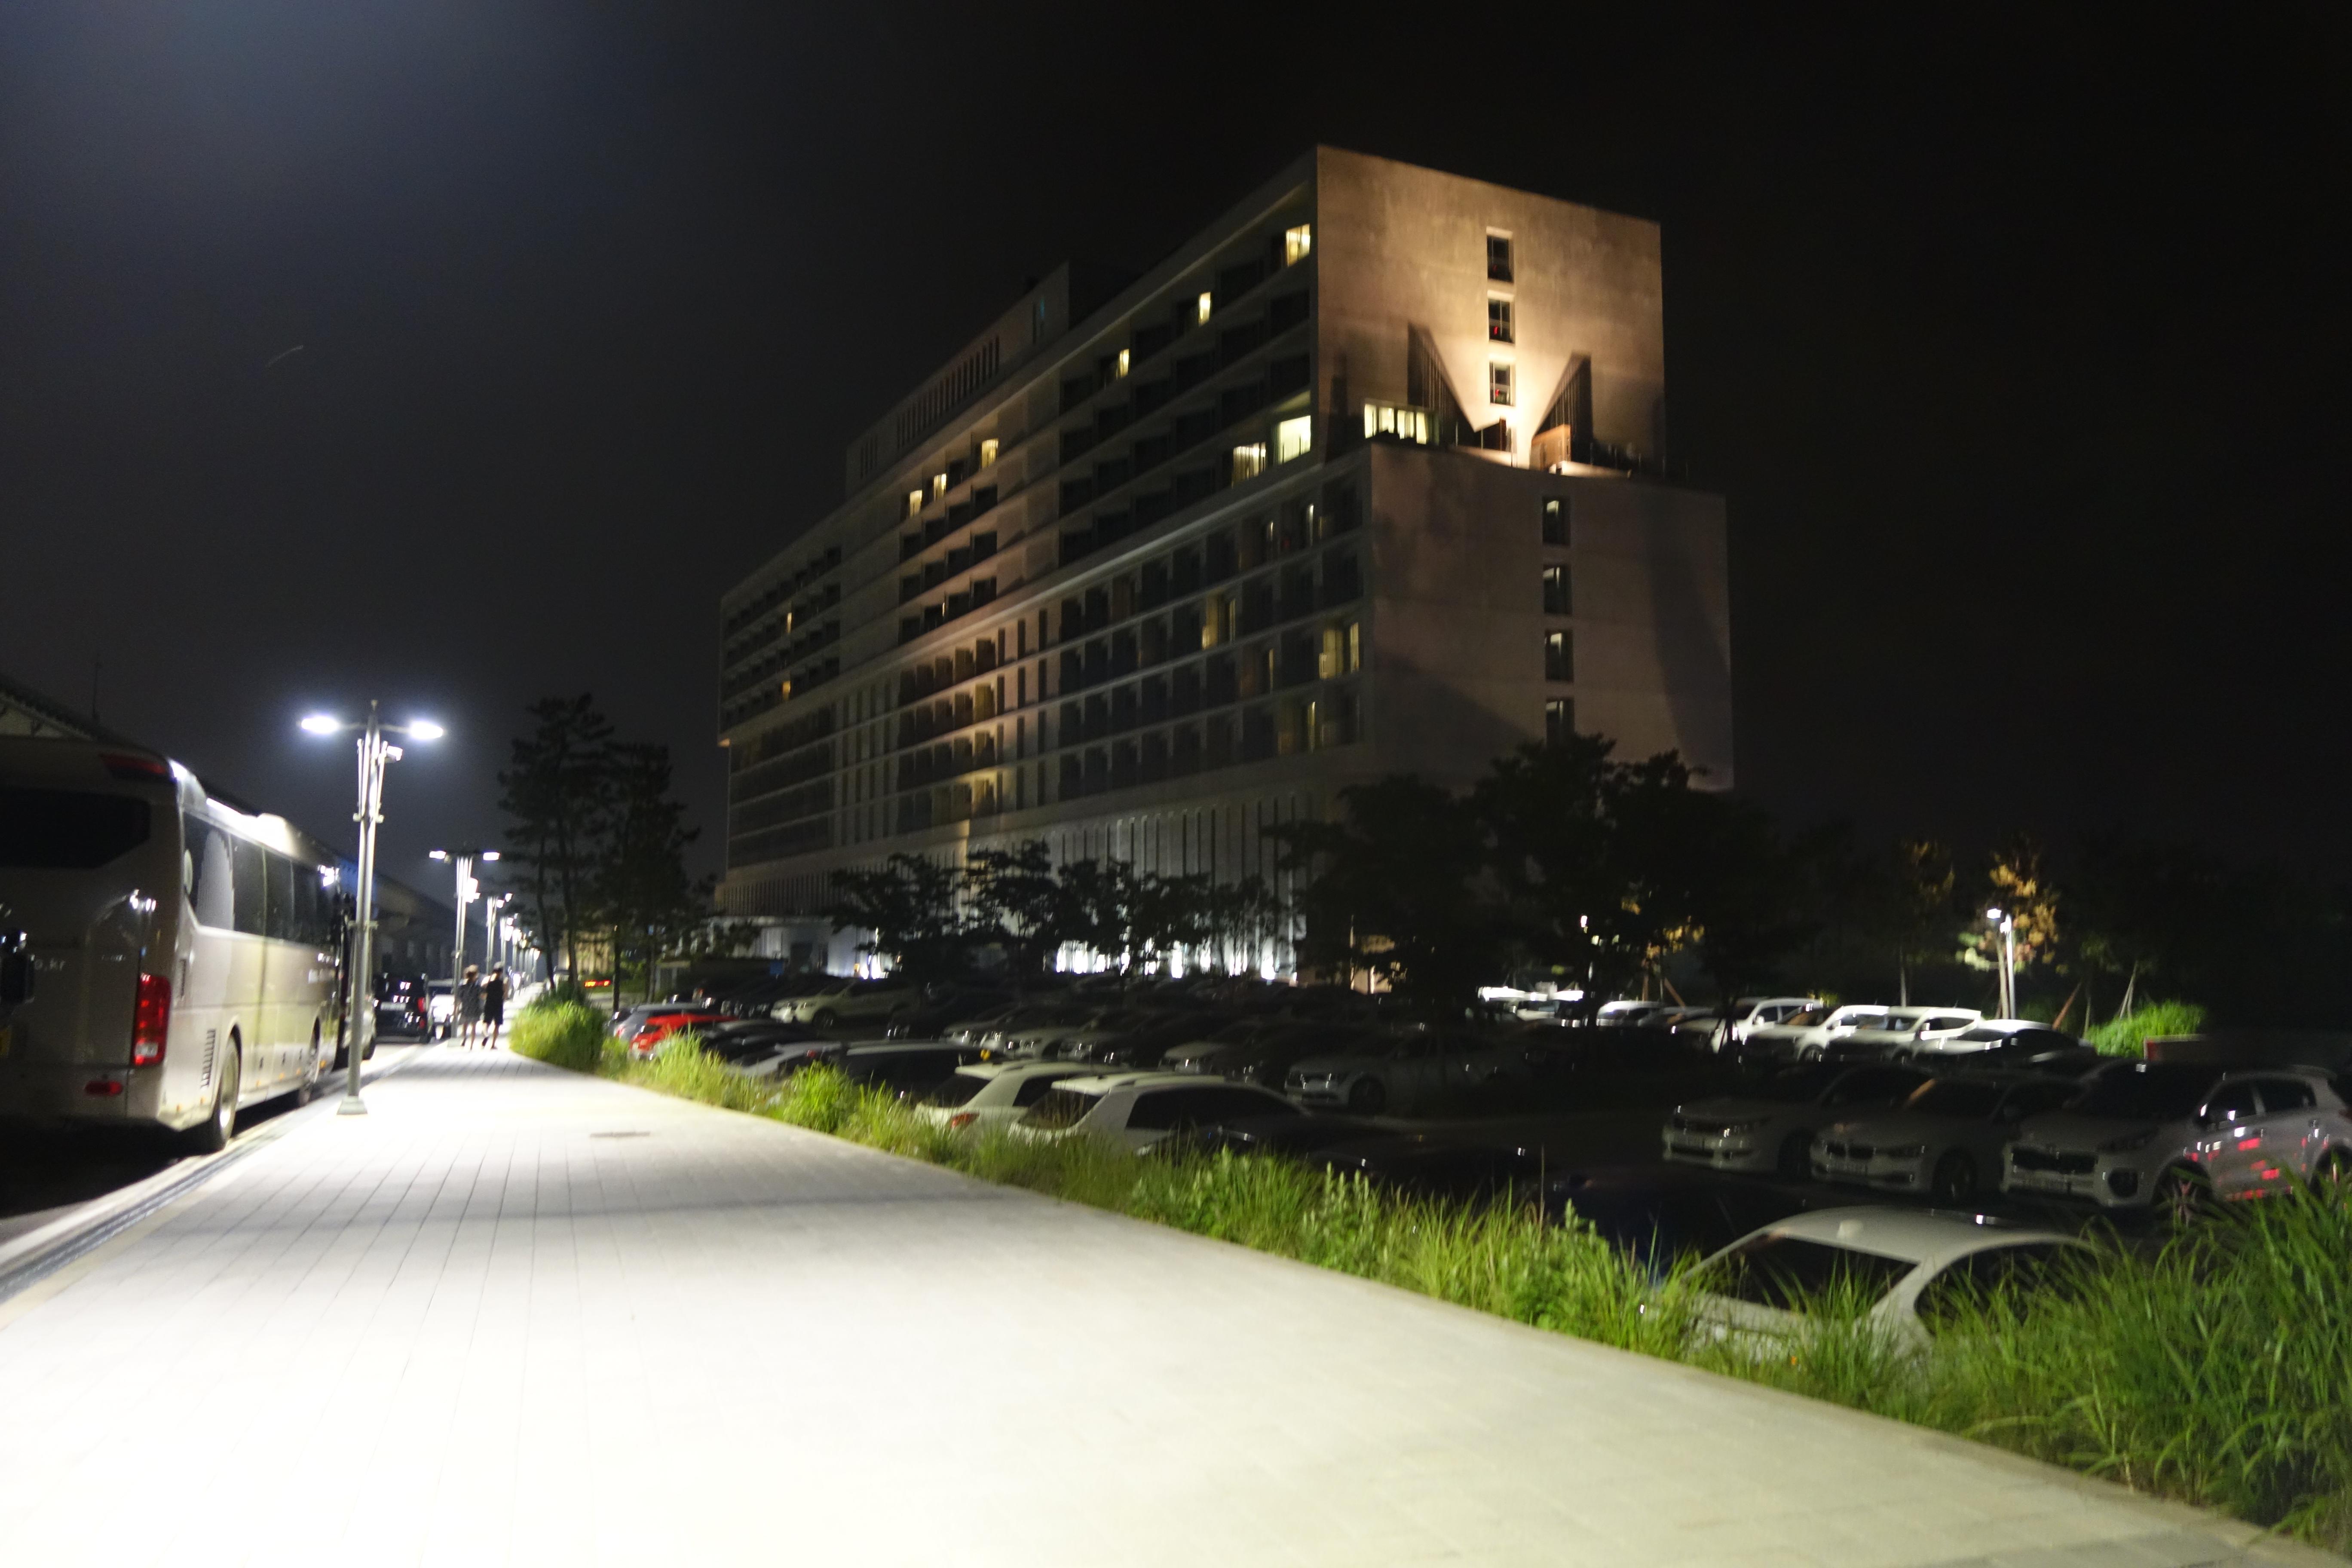 インチョン ネストホテル外観2